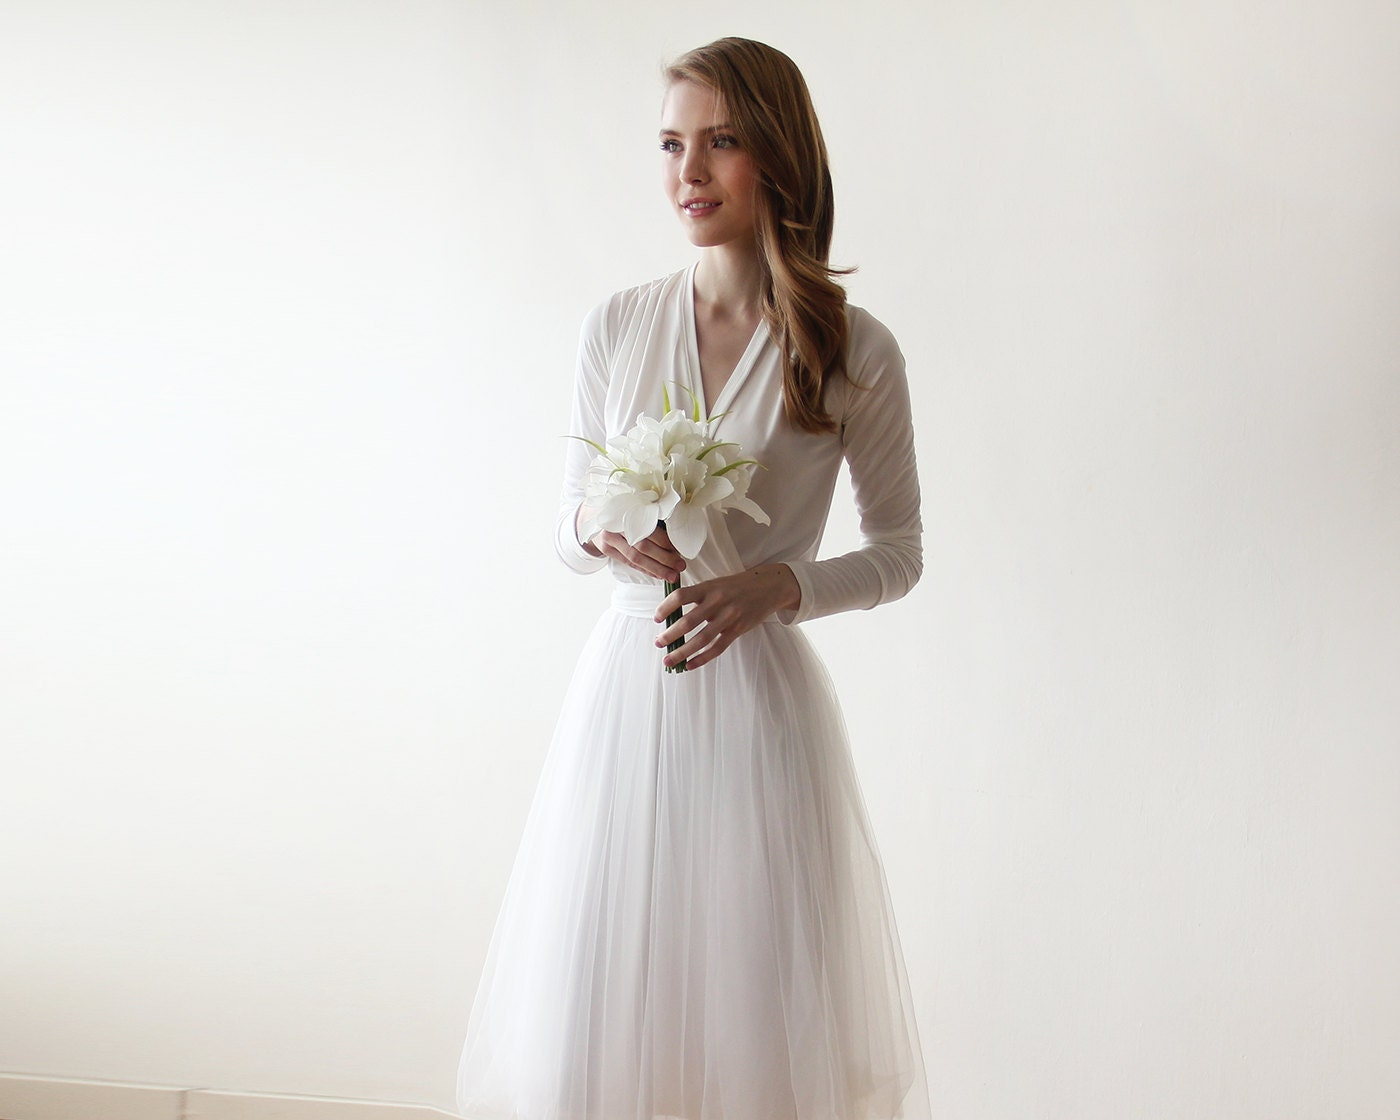 Schön Brautkleider Gruppe Usa Galerie - Brautkleider Ideen ...